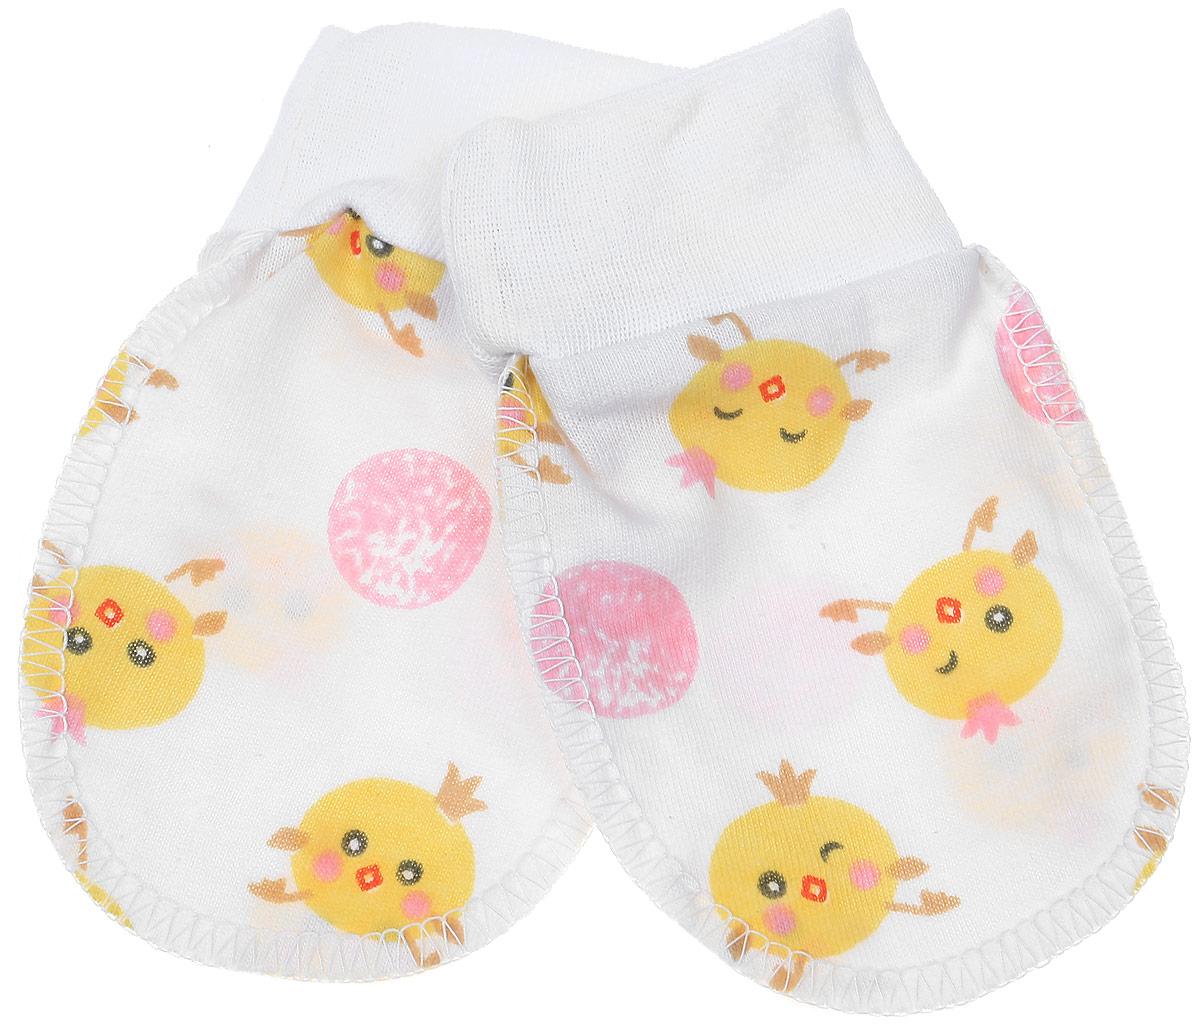 5906Рукавички для младенцев Чудесные одежки изготовлены из натурального хлопка. Они не раздражают нежную кожу ребенка. Широкие мягкие резинки не стягивают ручки. Швы выполнены на лицевую сторону.